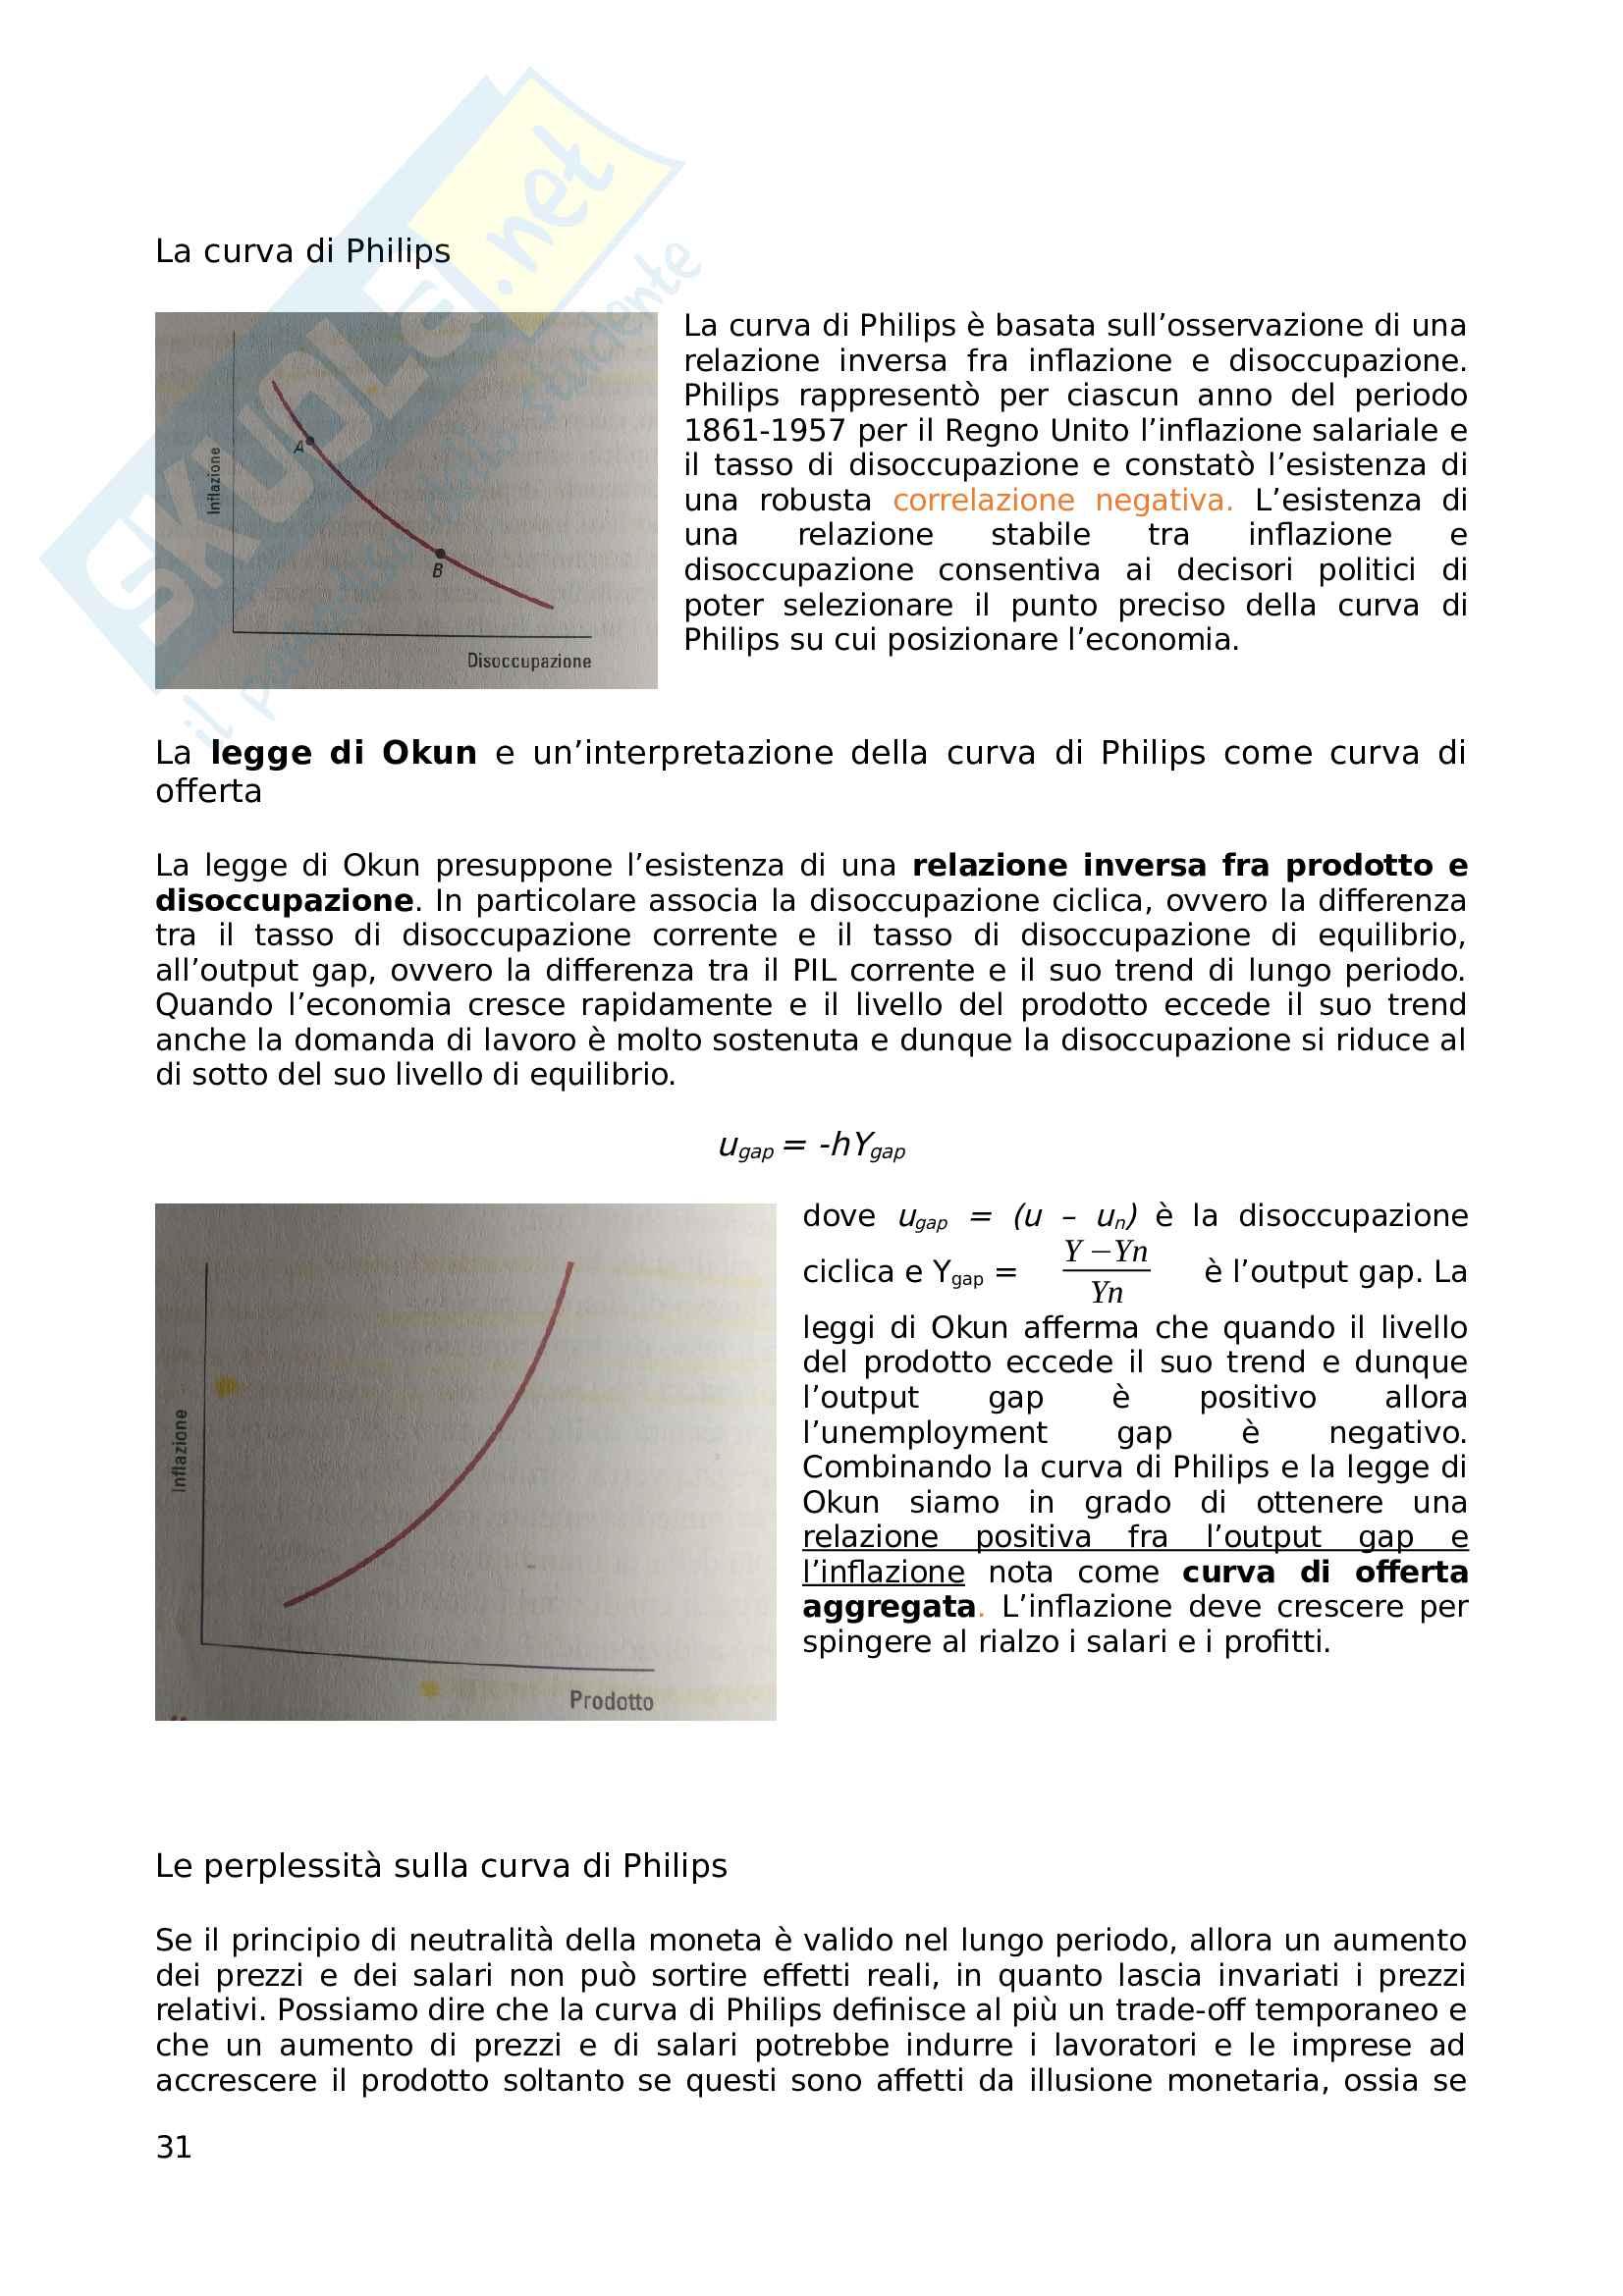 Riassunto esame Economia internazionale, prof Beretta, libro consigliato Macroeconomia, Burda, Wiyplosz Pag. 31